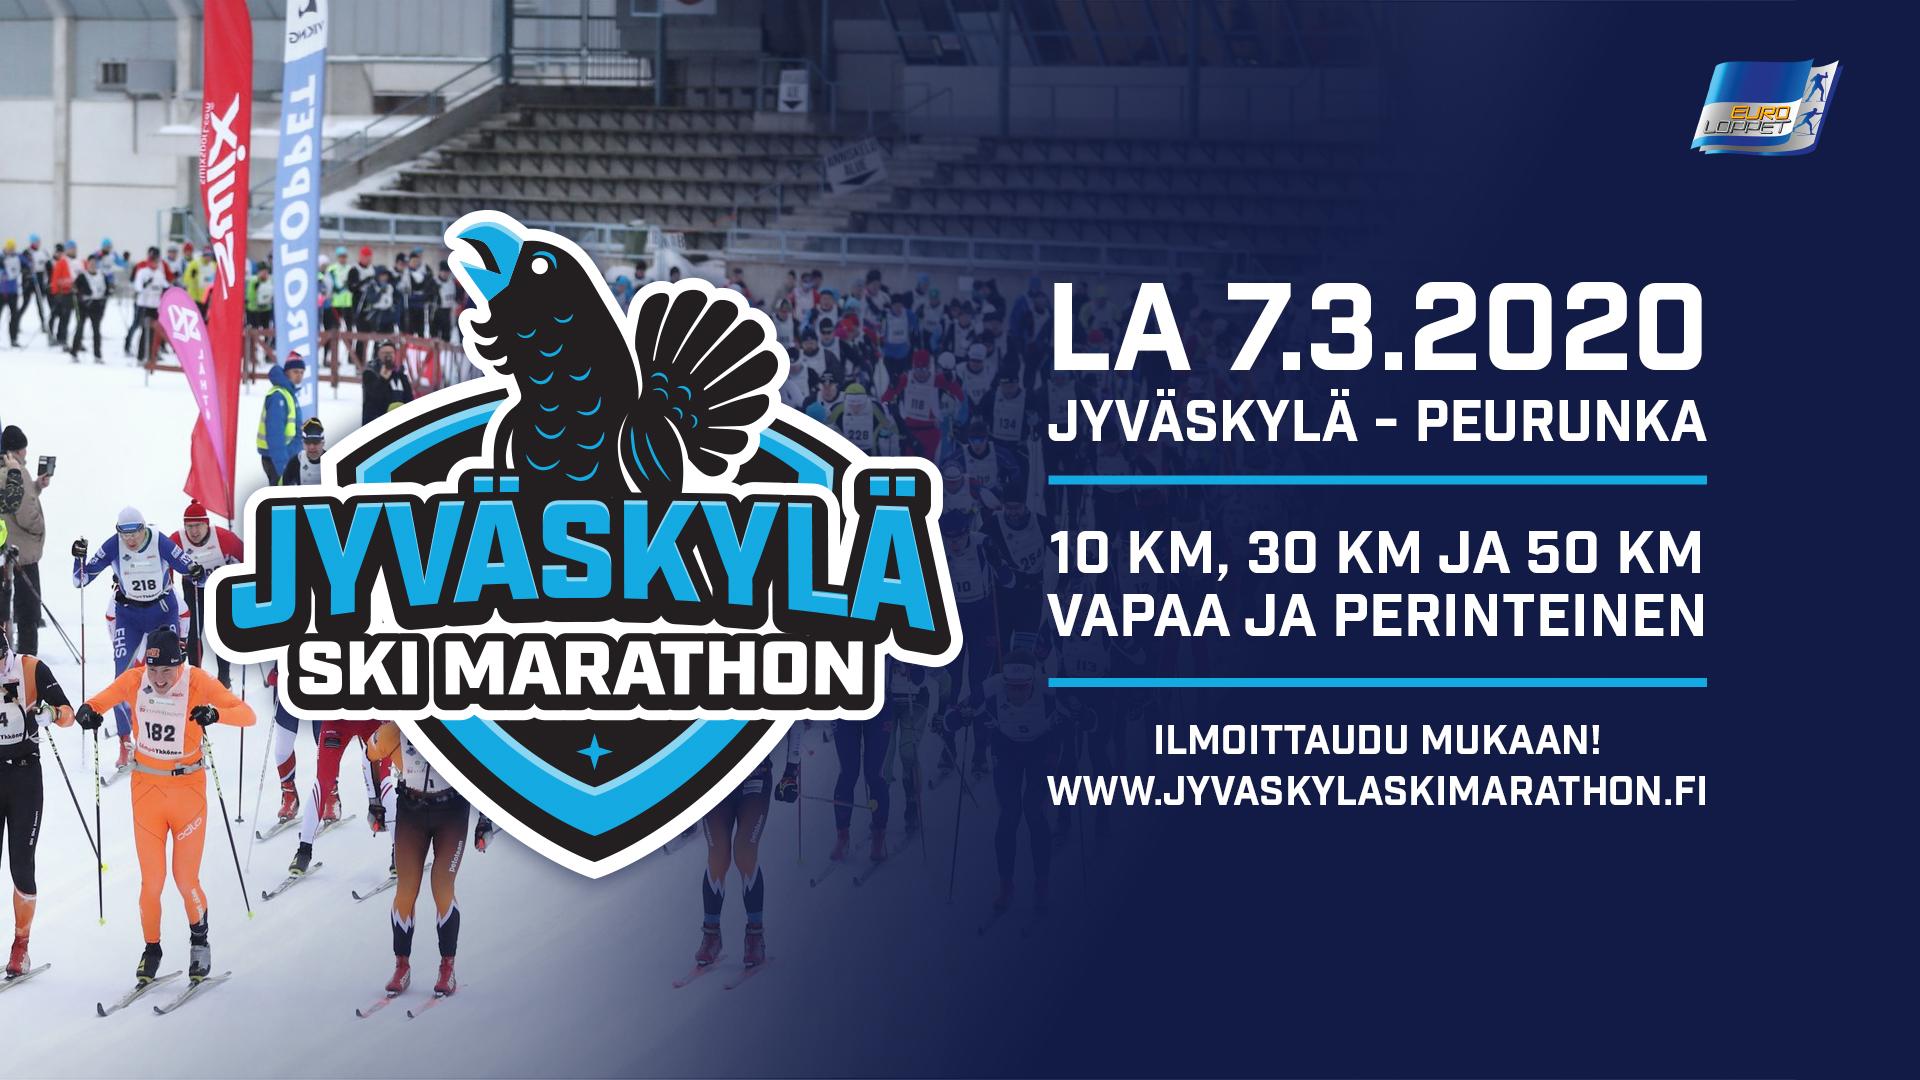 jkl-ski-marathon-2020-mainos-fi-1920-1080px